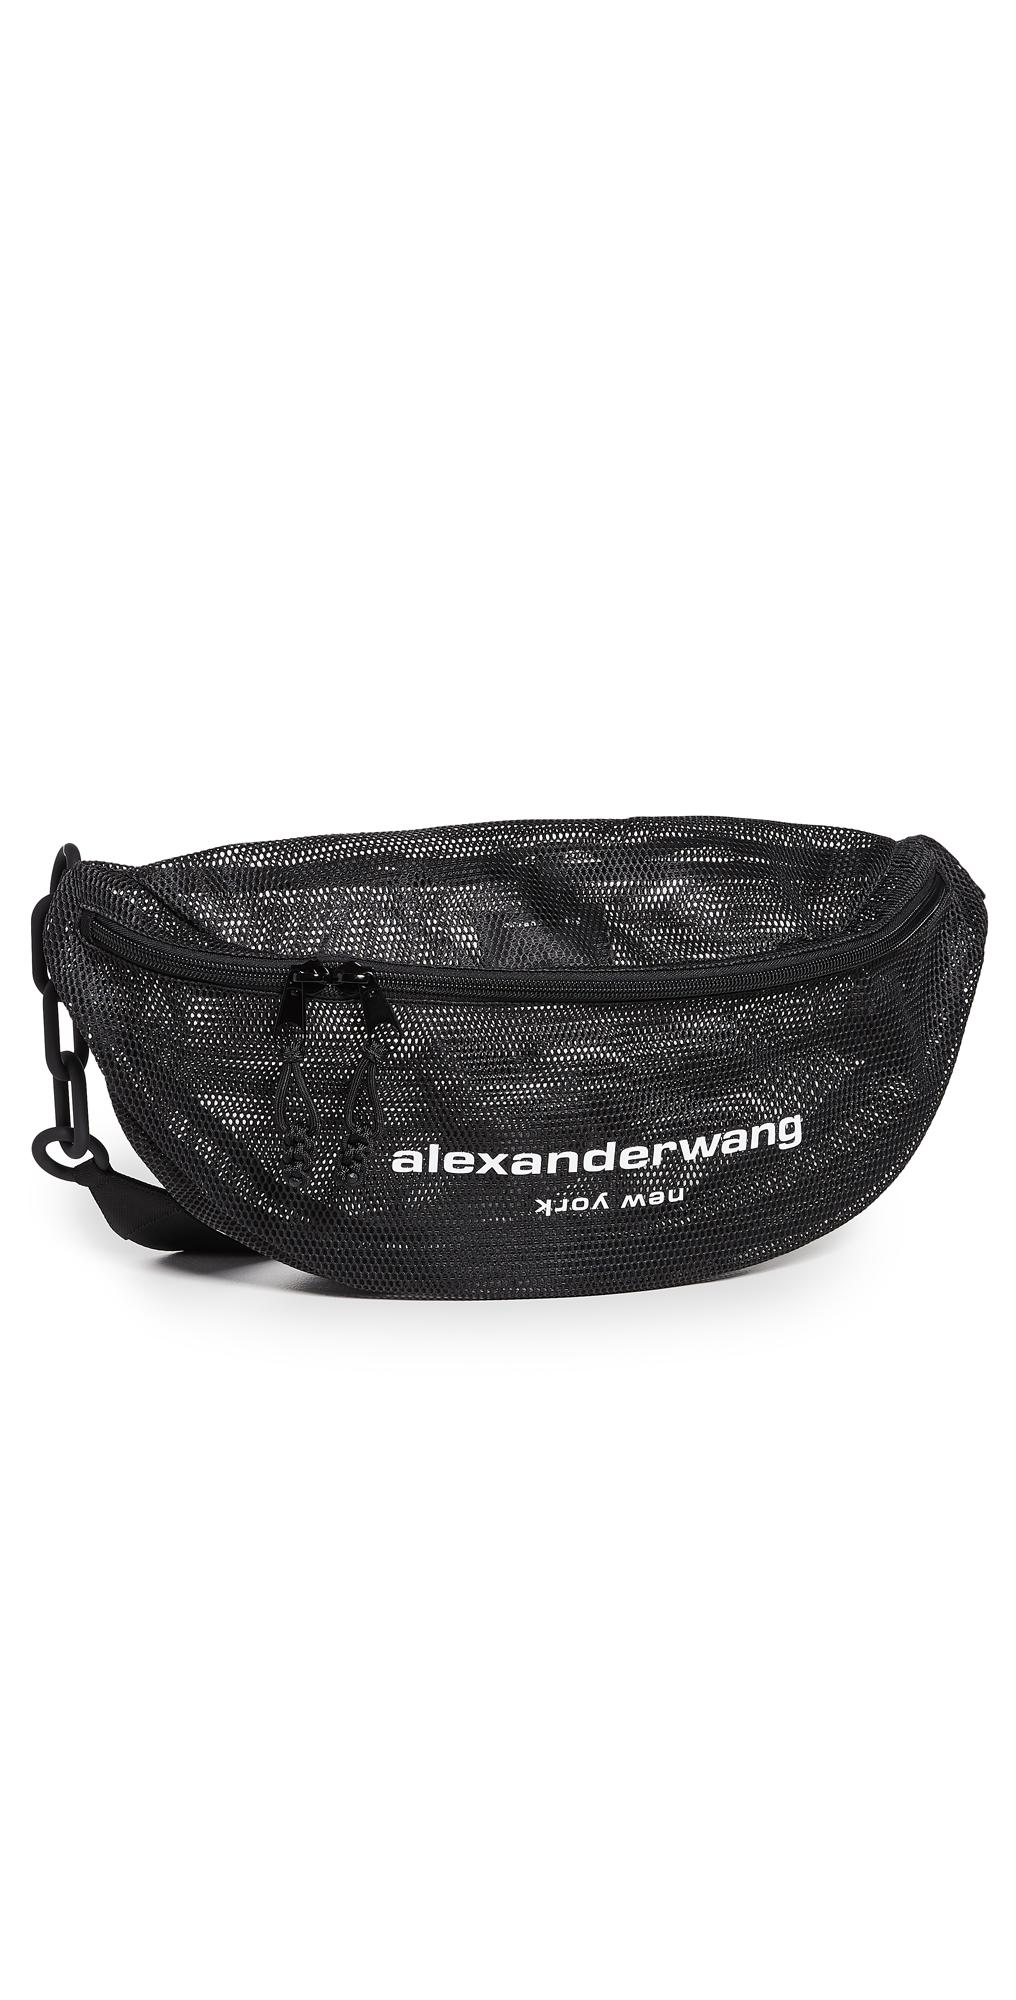 Alexander Wang Attica Gym Belt Bag